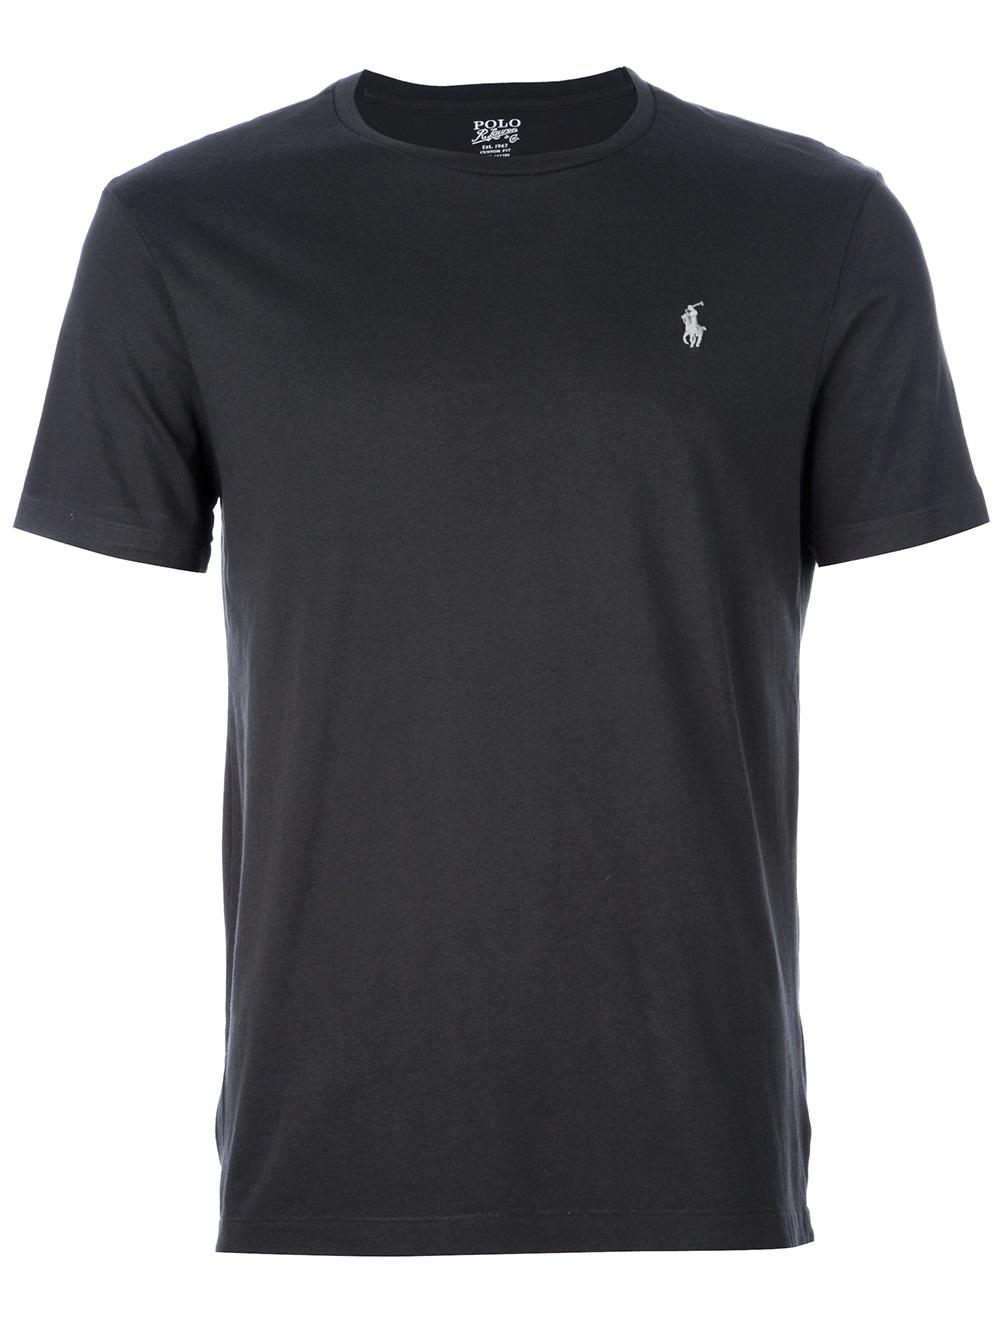 Polo ralph lauren logo t shirt in gray for men grey lyst for Ralph lauren logo shirt